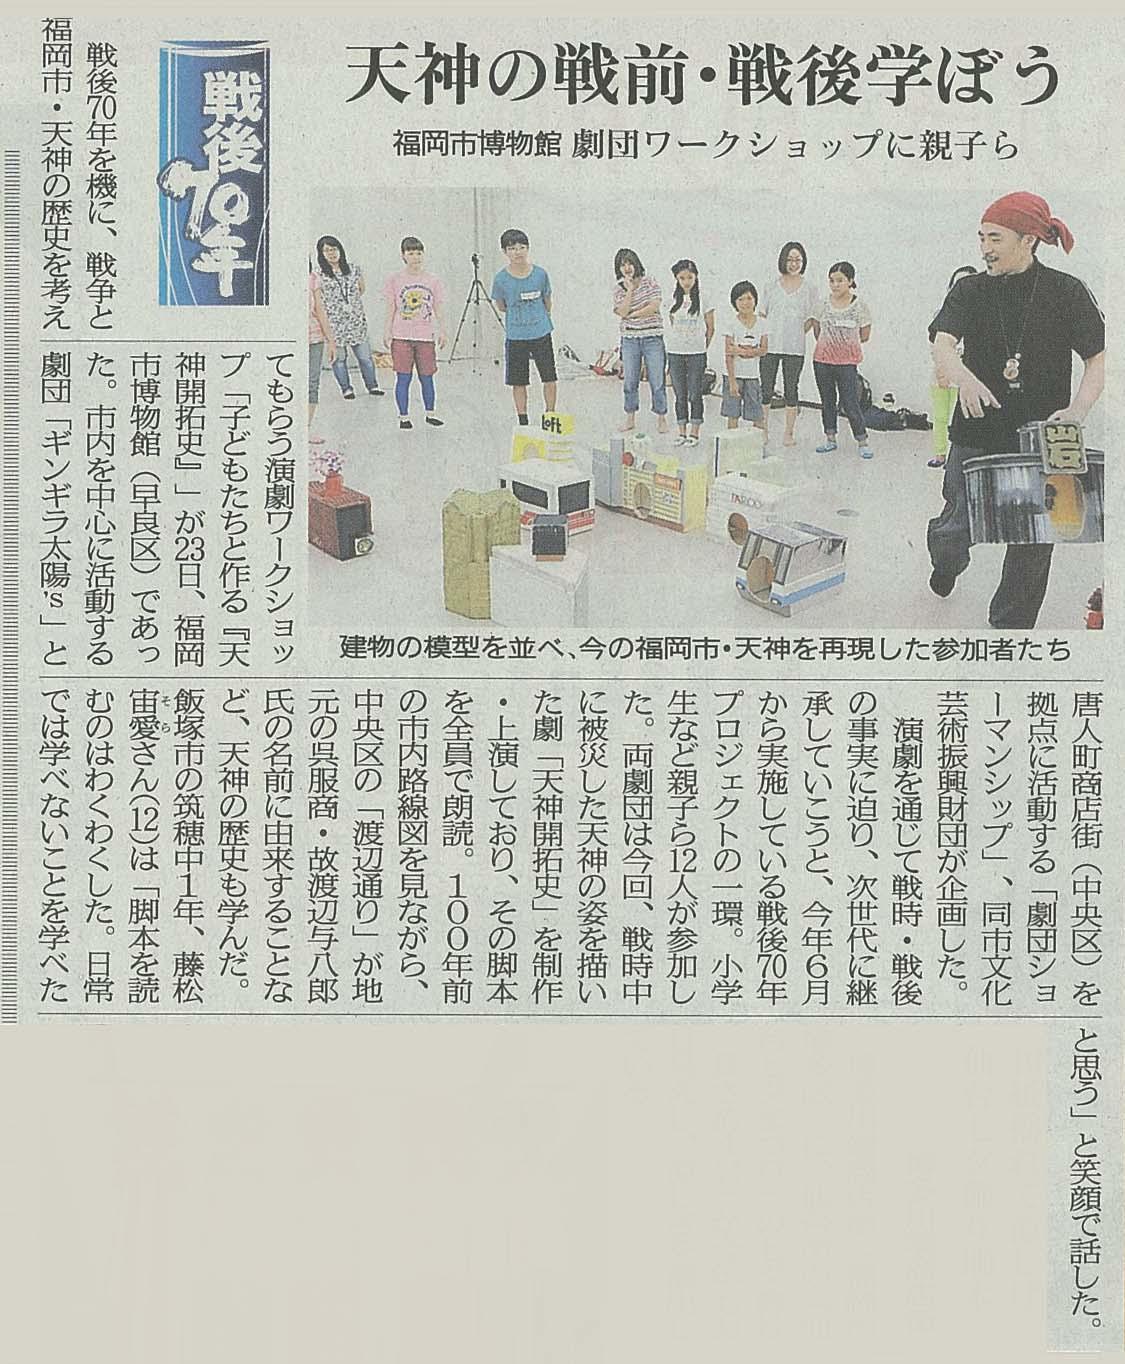 2015年 7月24日(金)付 西日本新聞